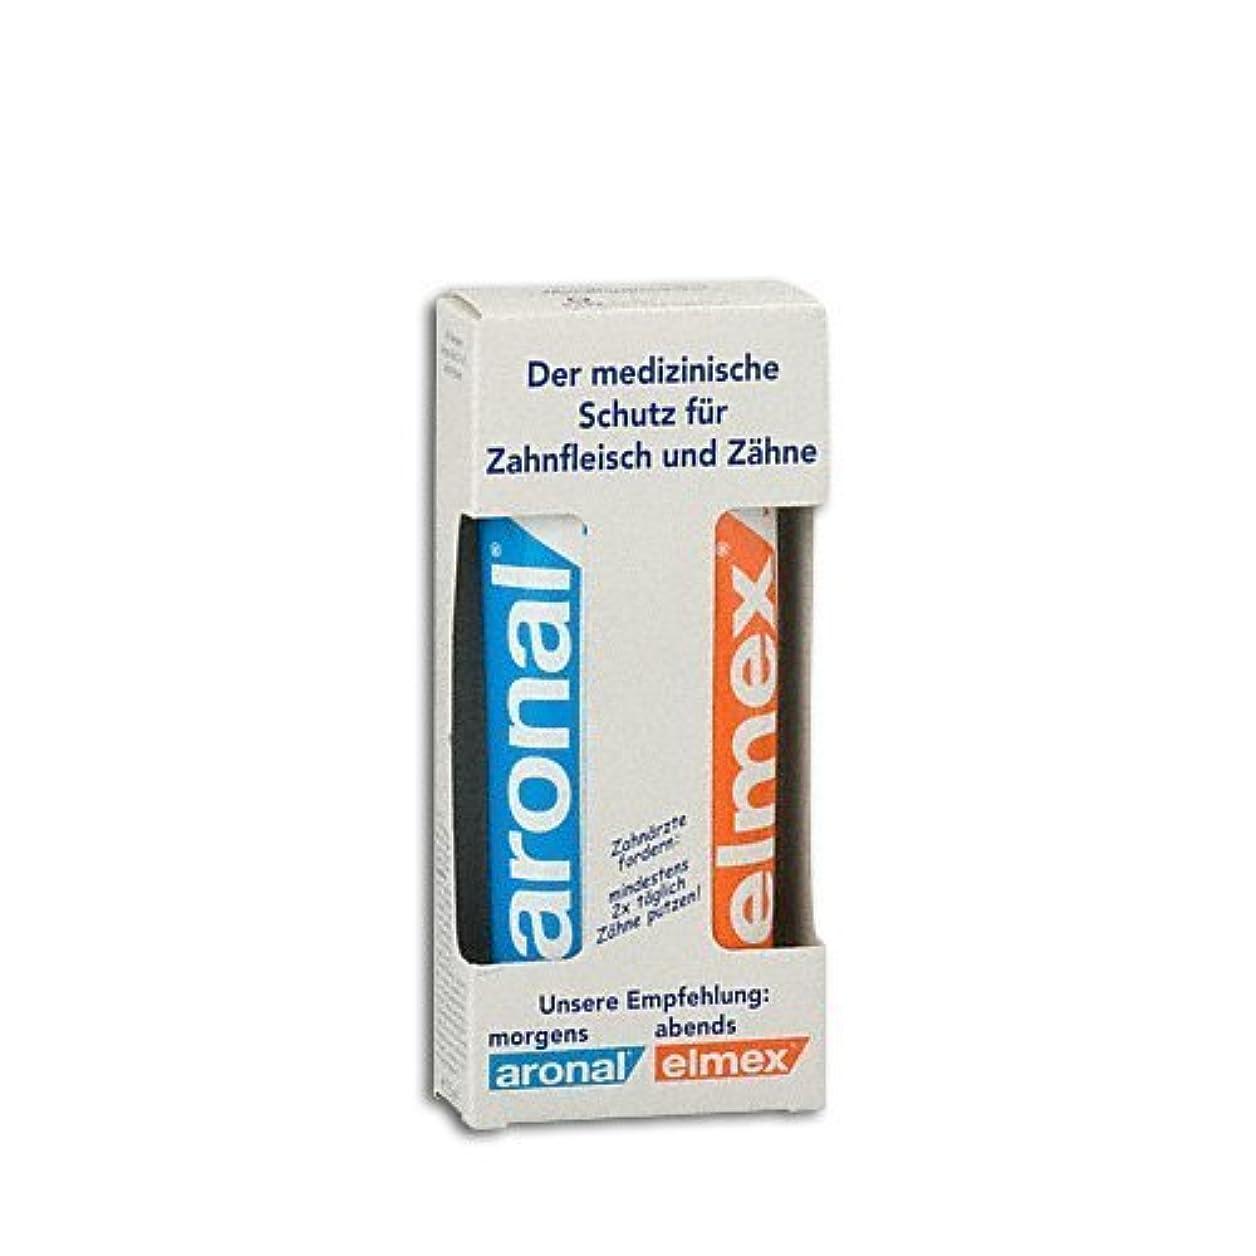 接地スナップ達成するアロナール&エルメックス 歯磨き粉セット(朝/夜) 75ml (aronal & elmex toothpaste set 75ml) 【並行輸入品】